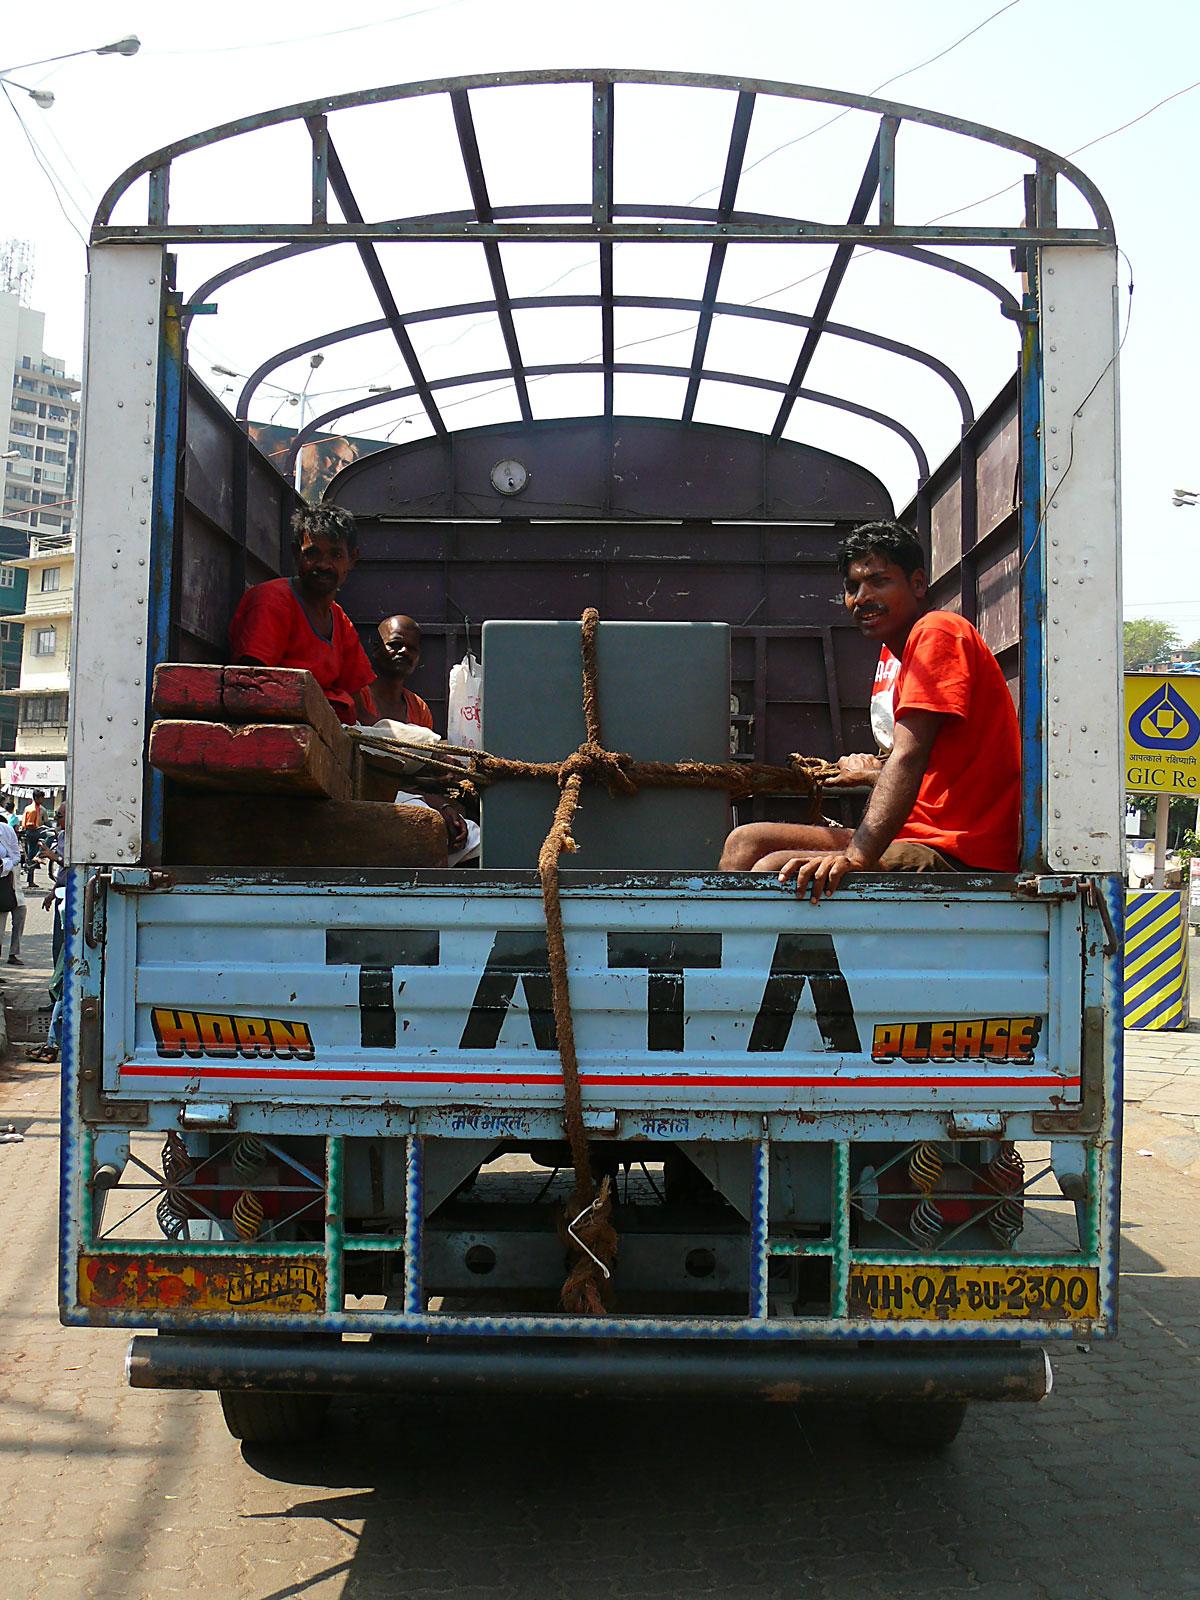 INDIEN MUMBAI Menschen Wohnen FINEST-onTour P1030364.jpg